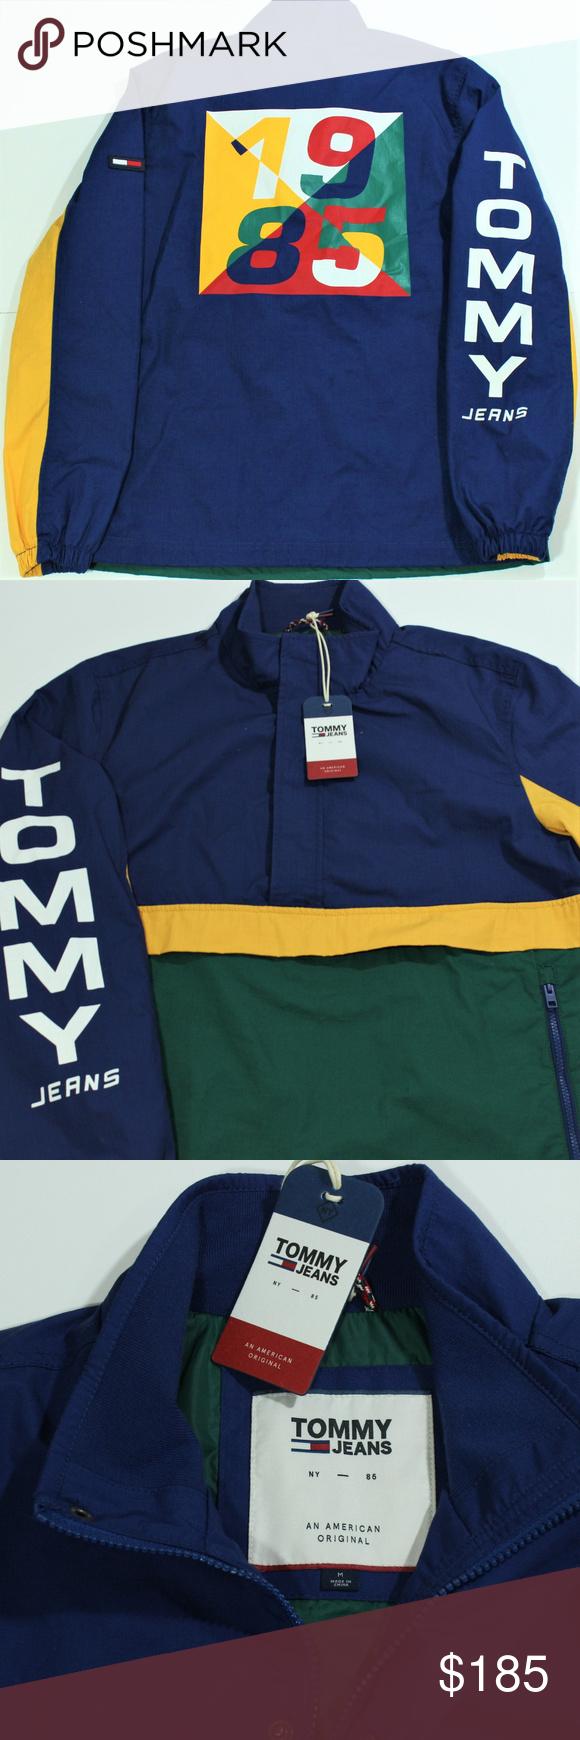 tommy hilfiger jacke von 1985